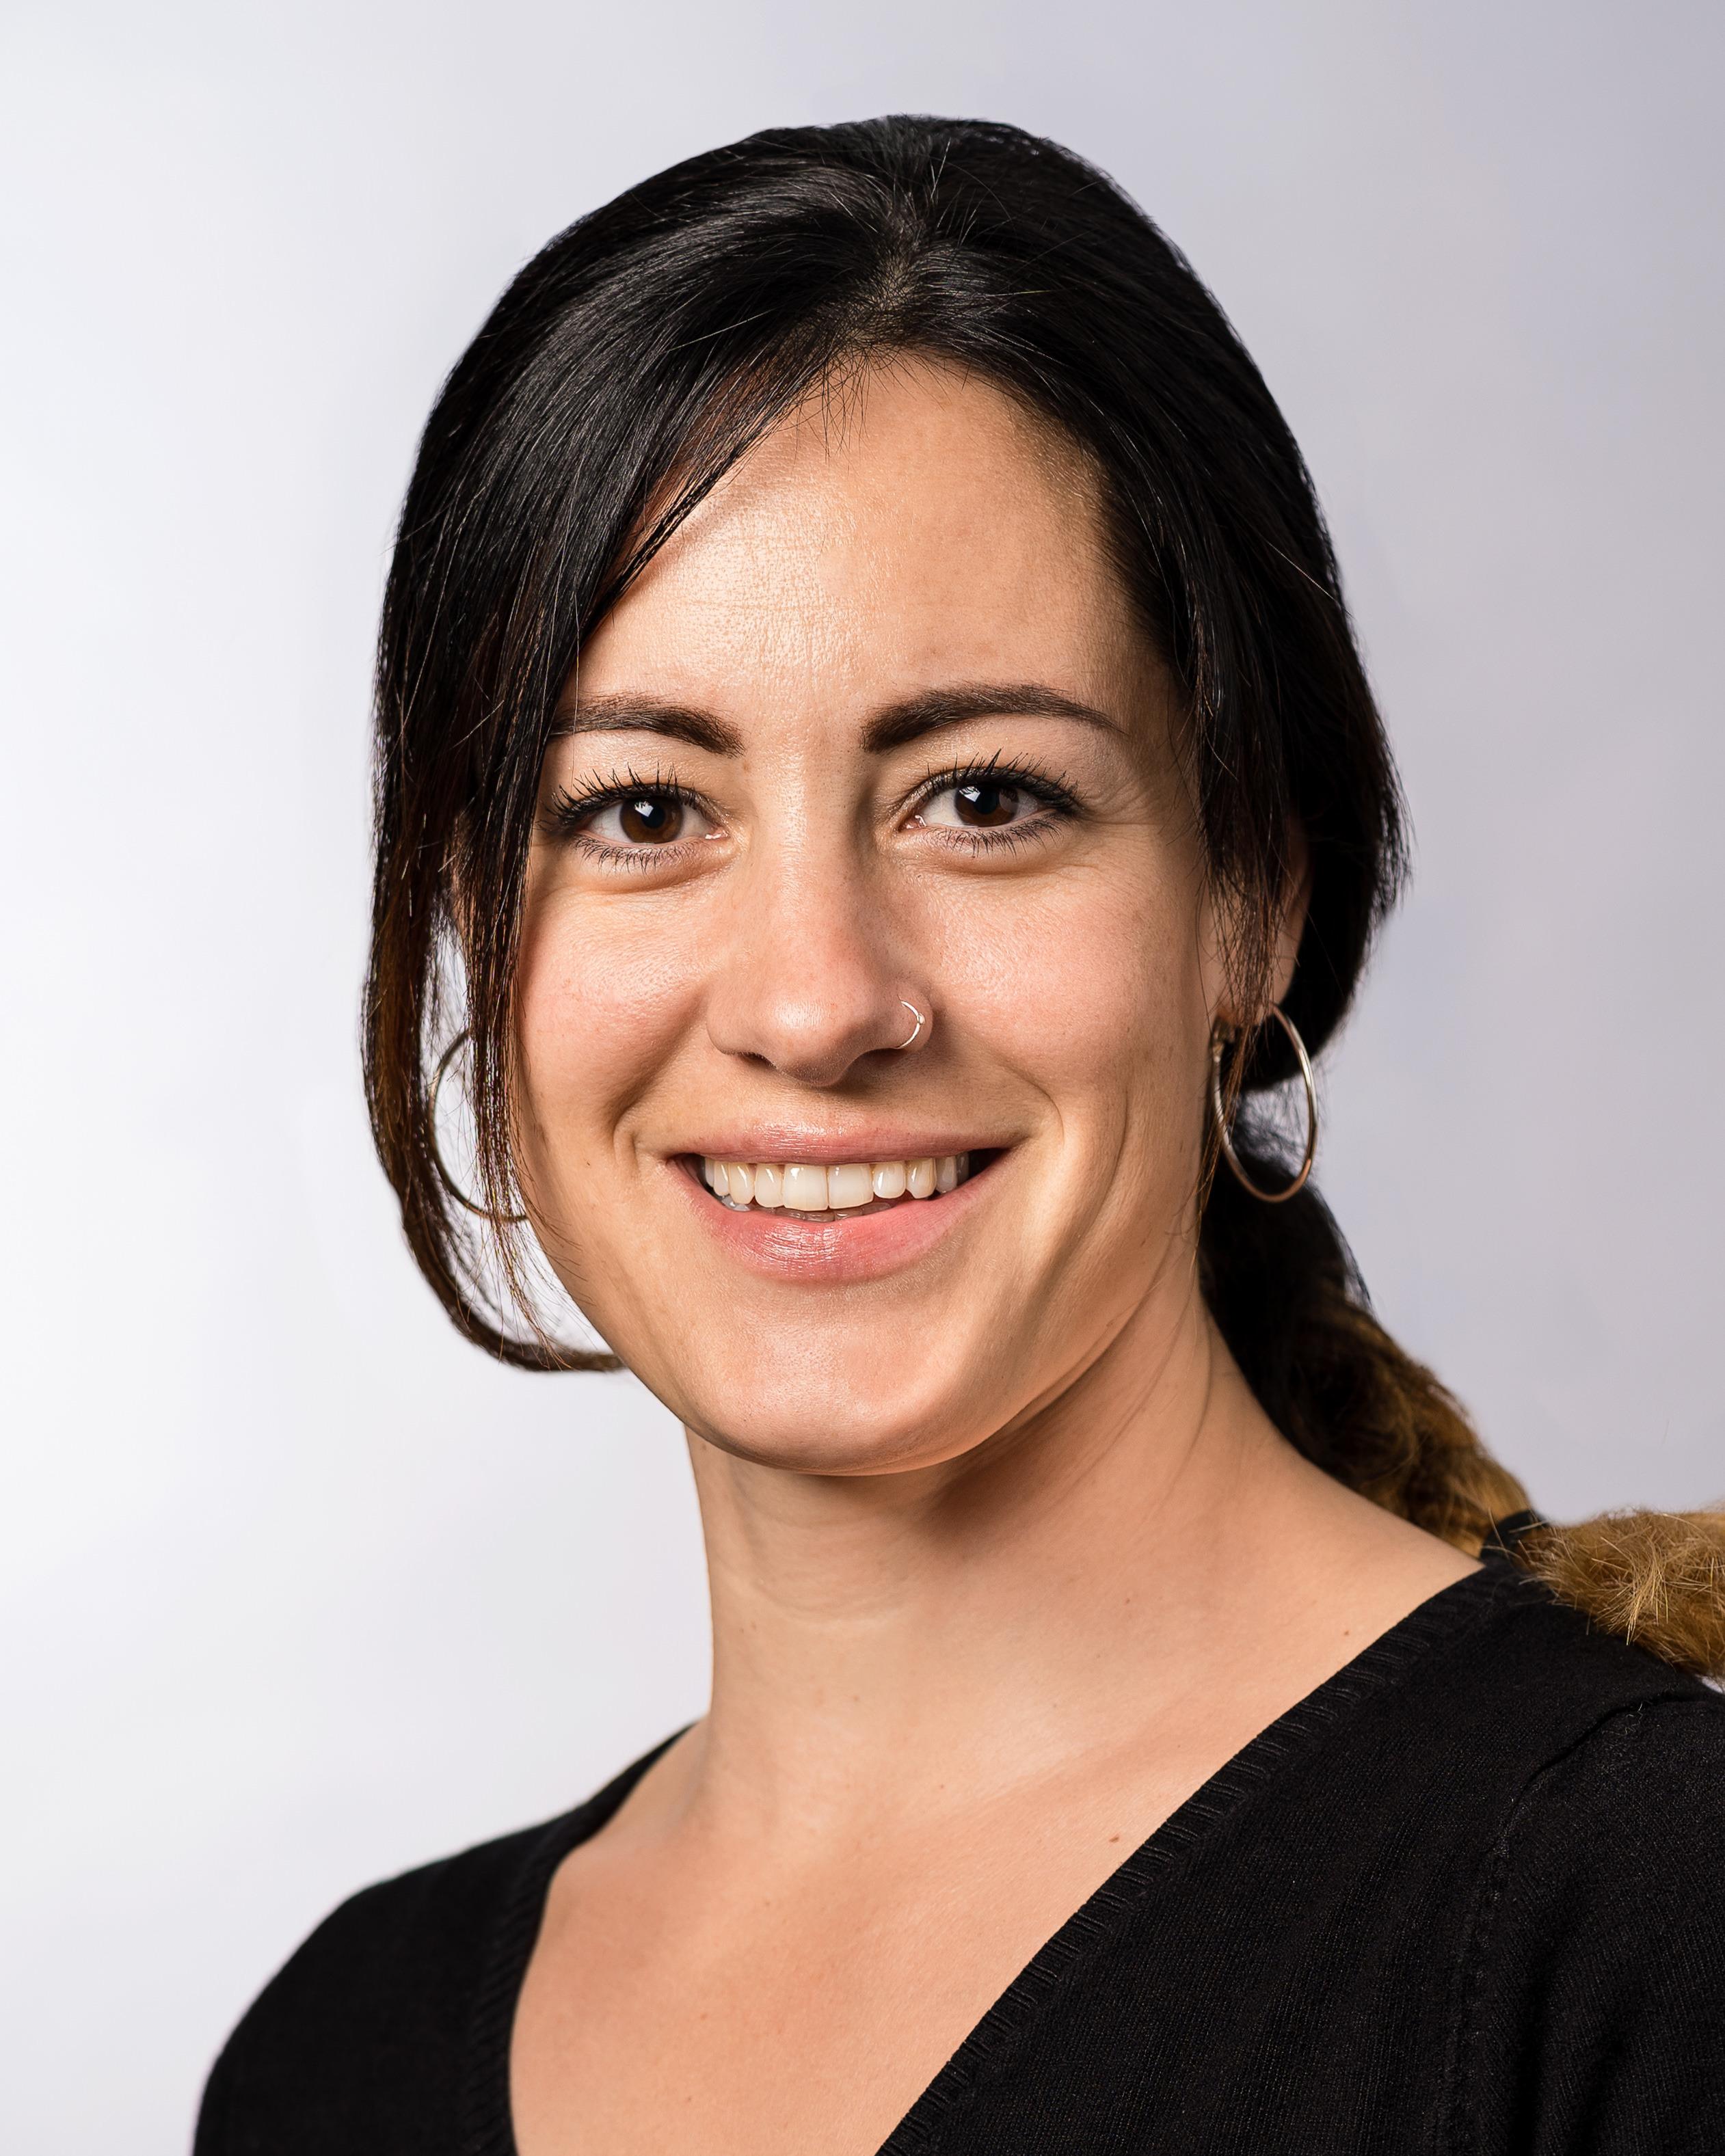 Christa Röthlisberger